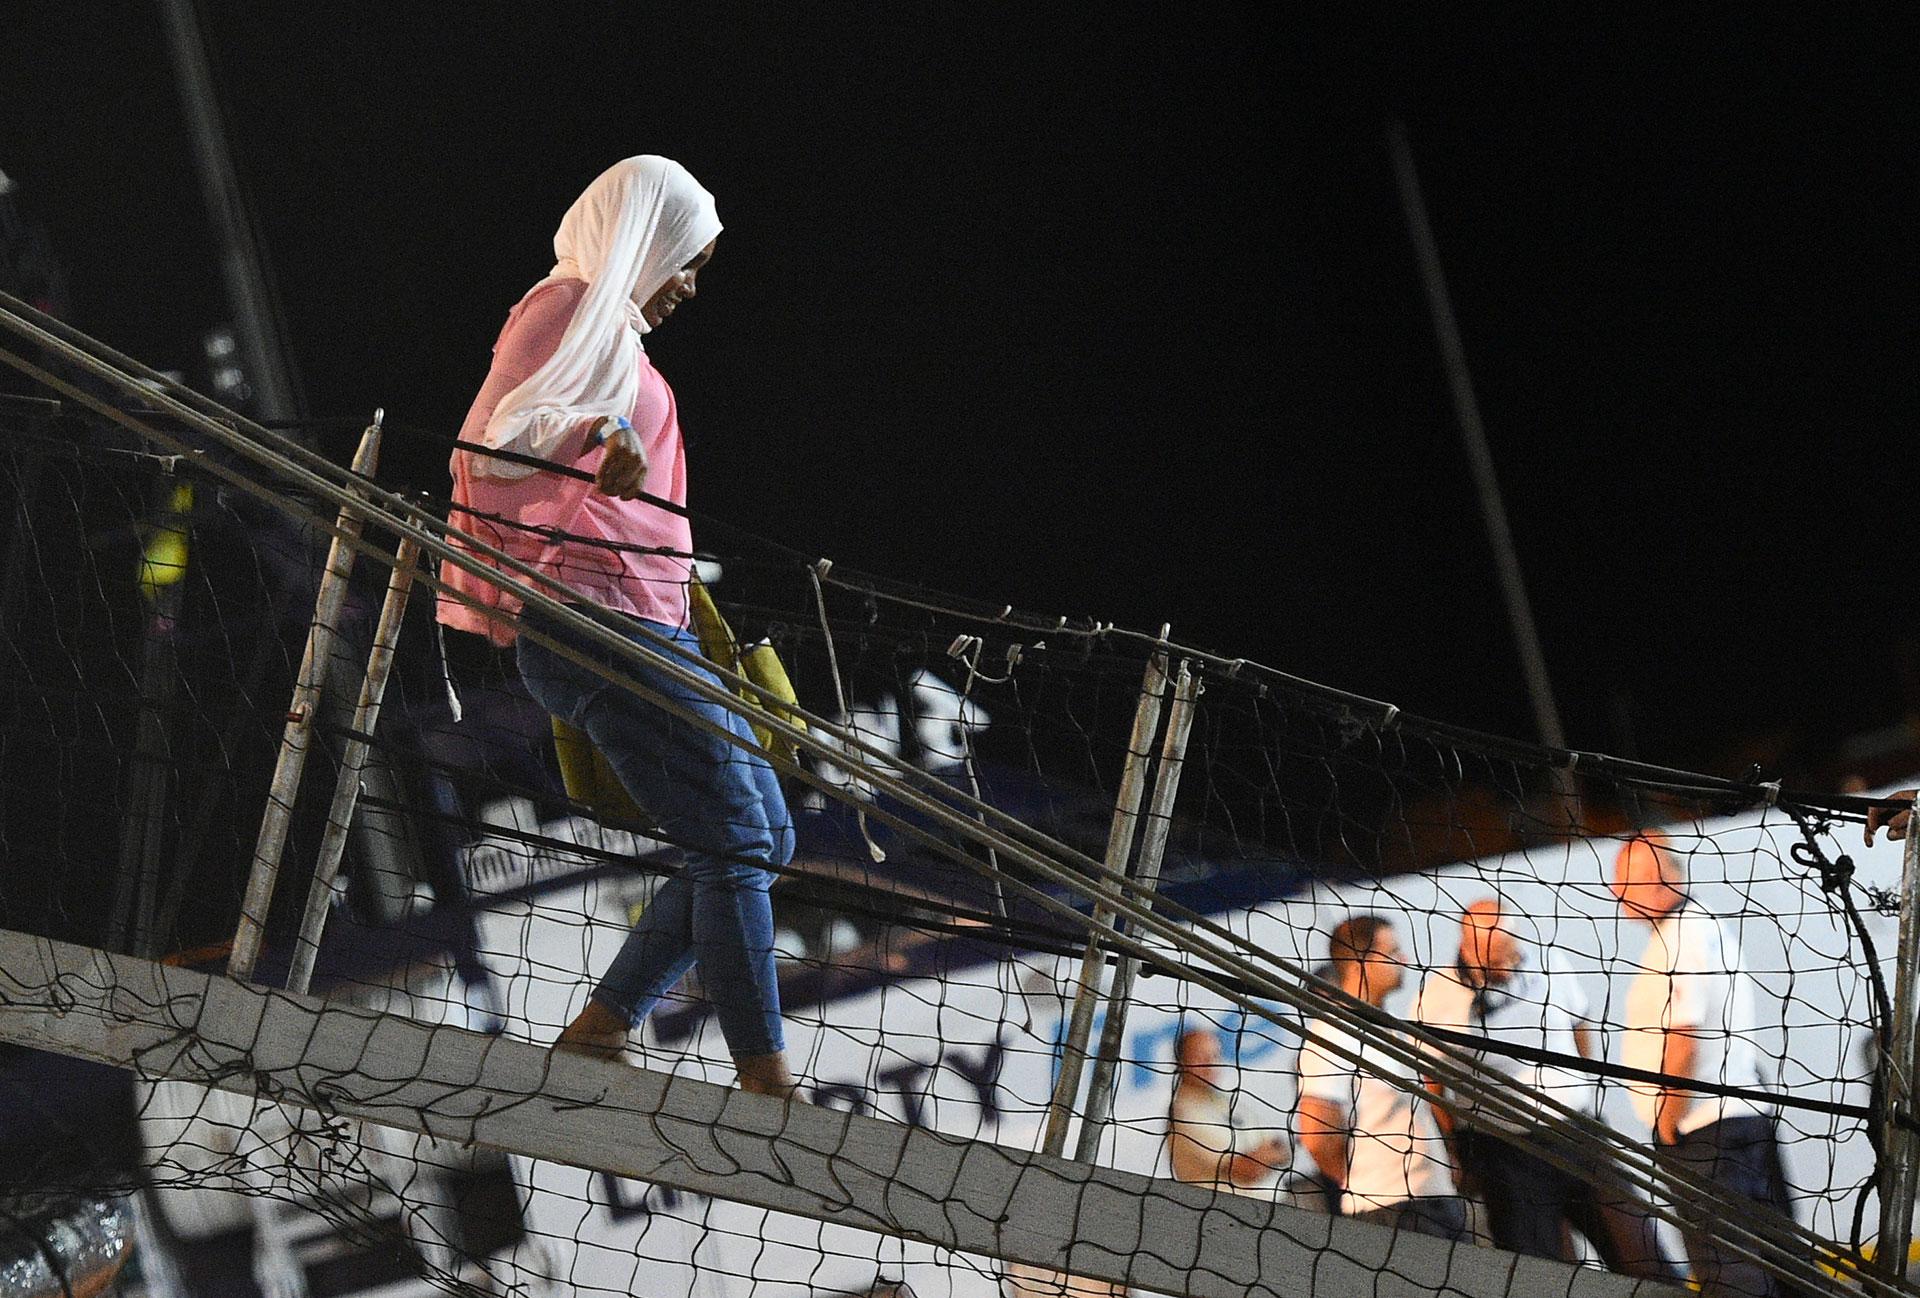 Una migrante desembarca del Open Arms el 20 de agostoa la noche (REUTERS/Guglielmo Mangiapane)